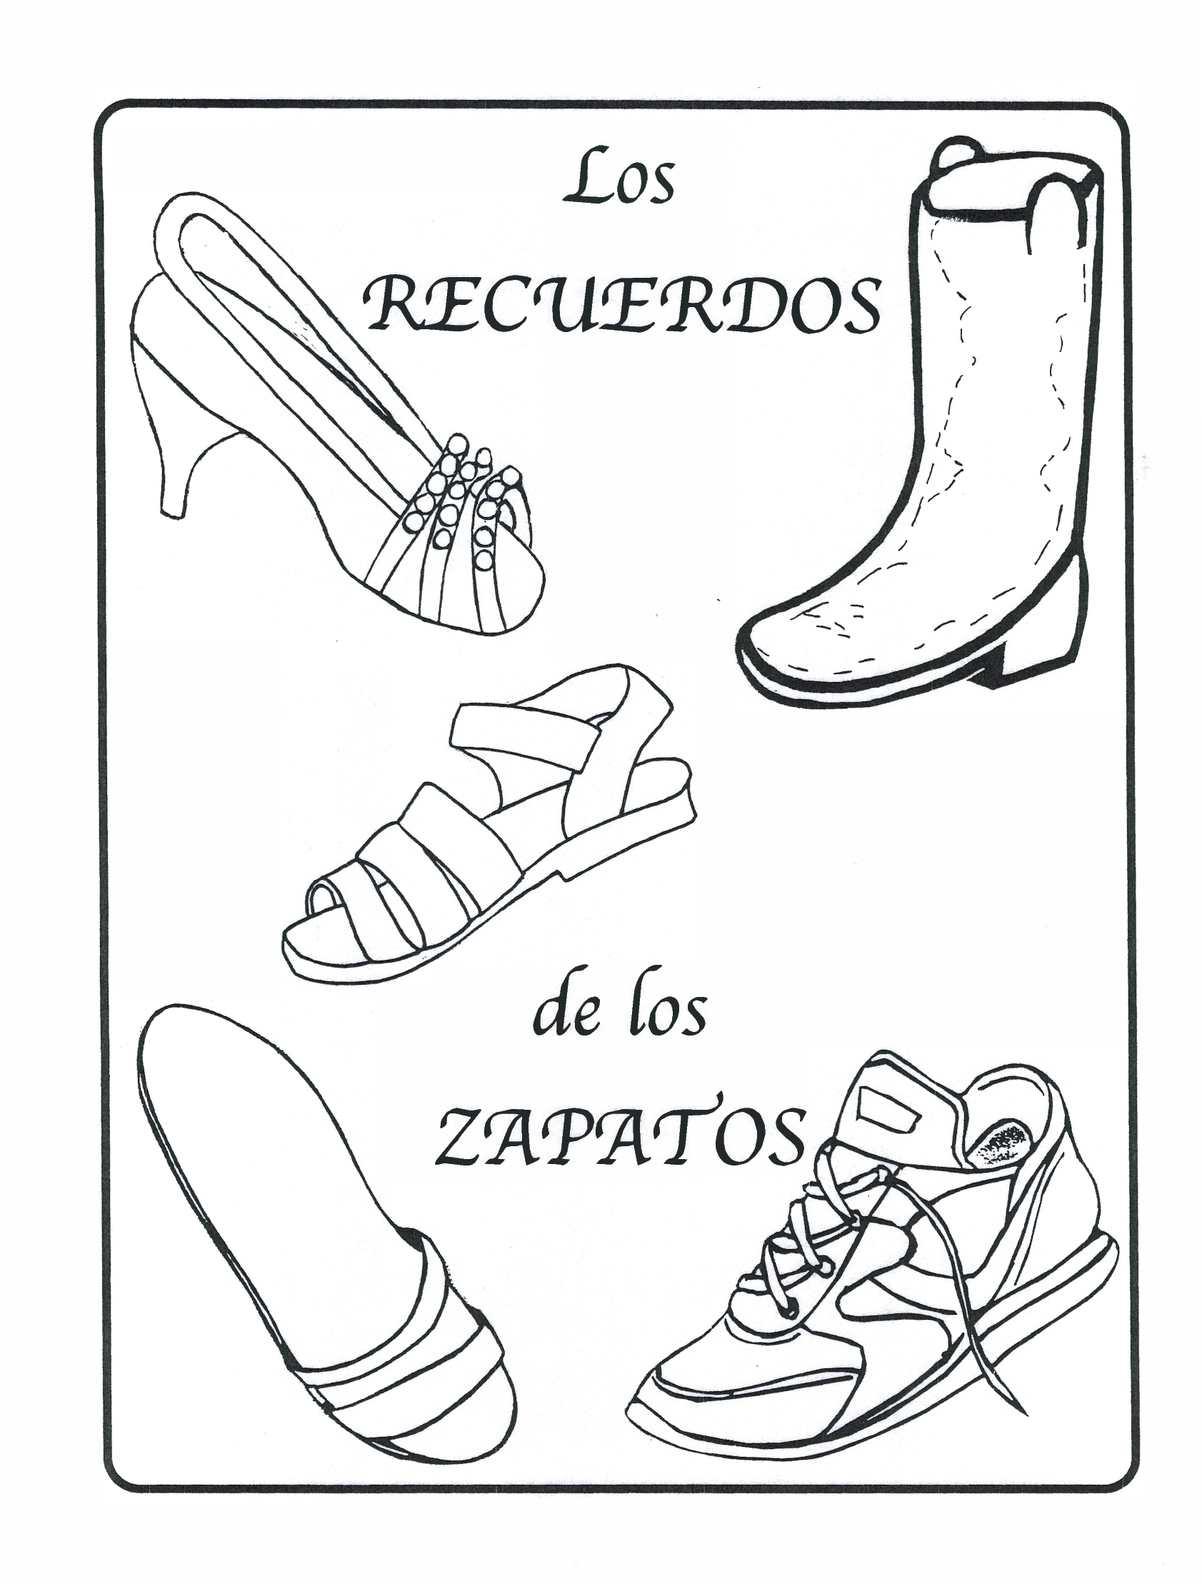 Los Recuerdos de los Zapatos